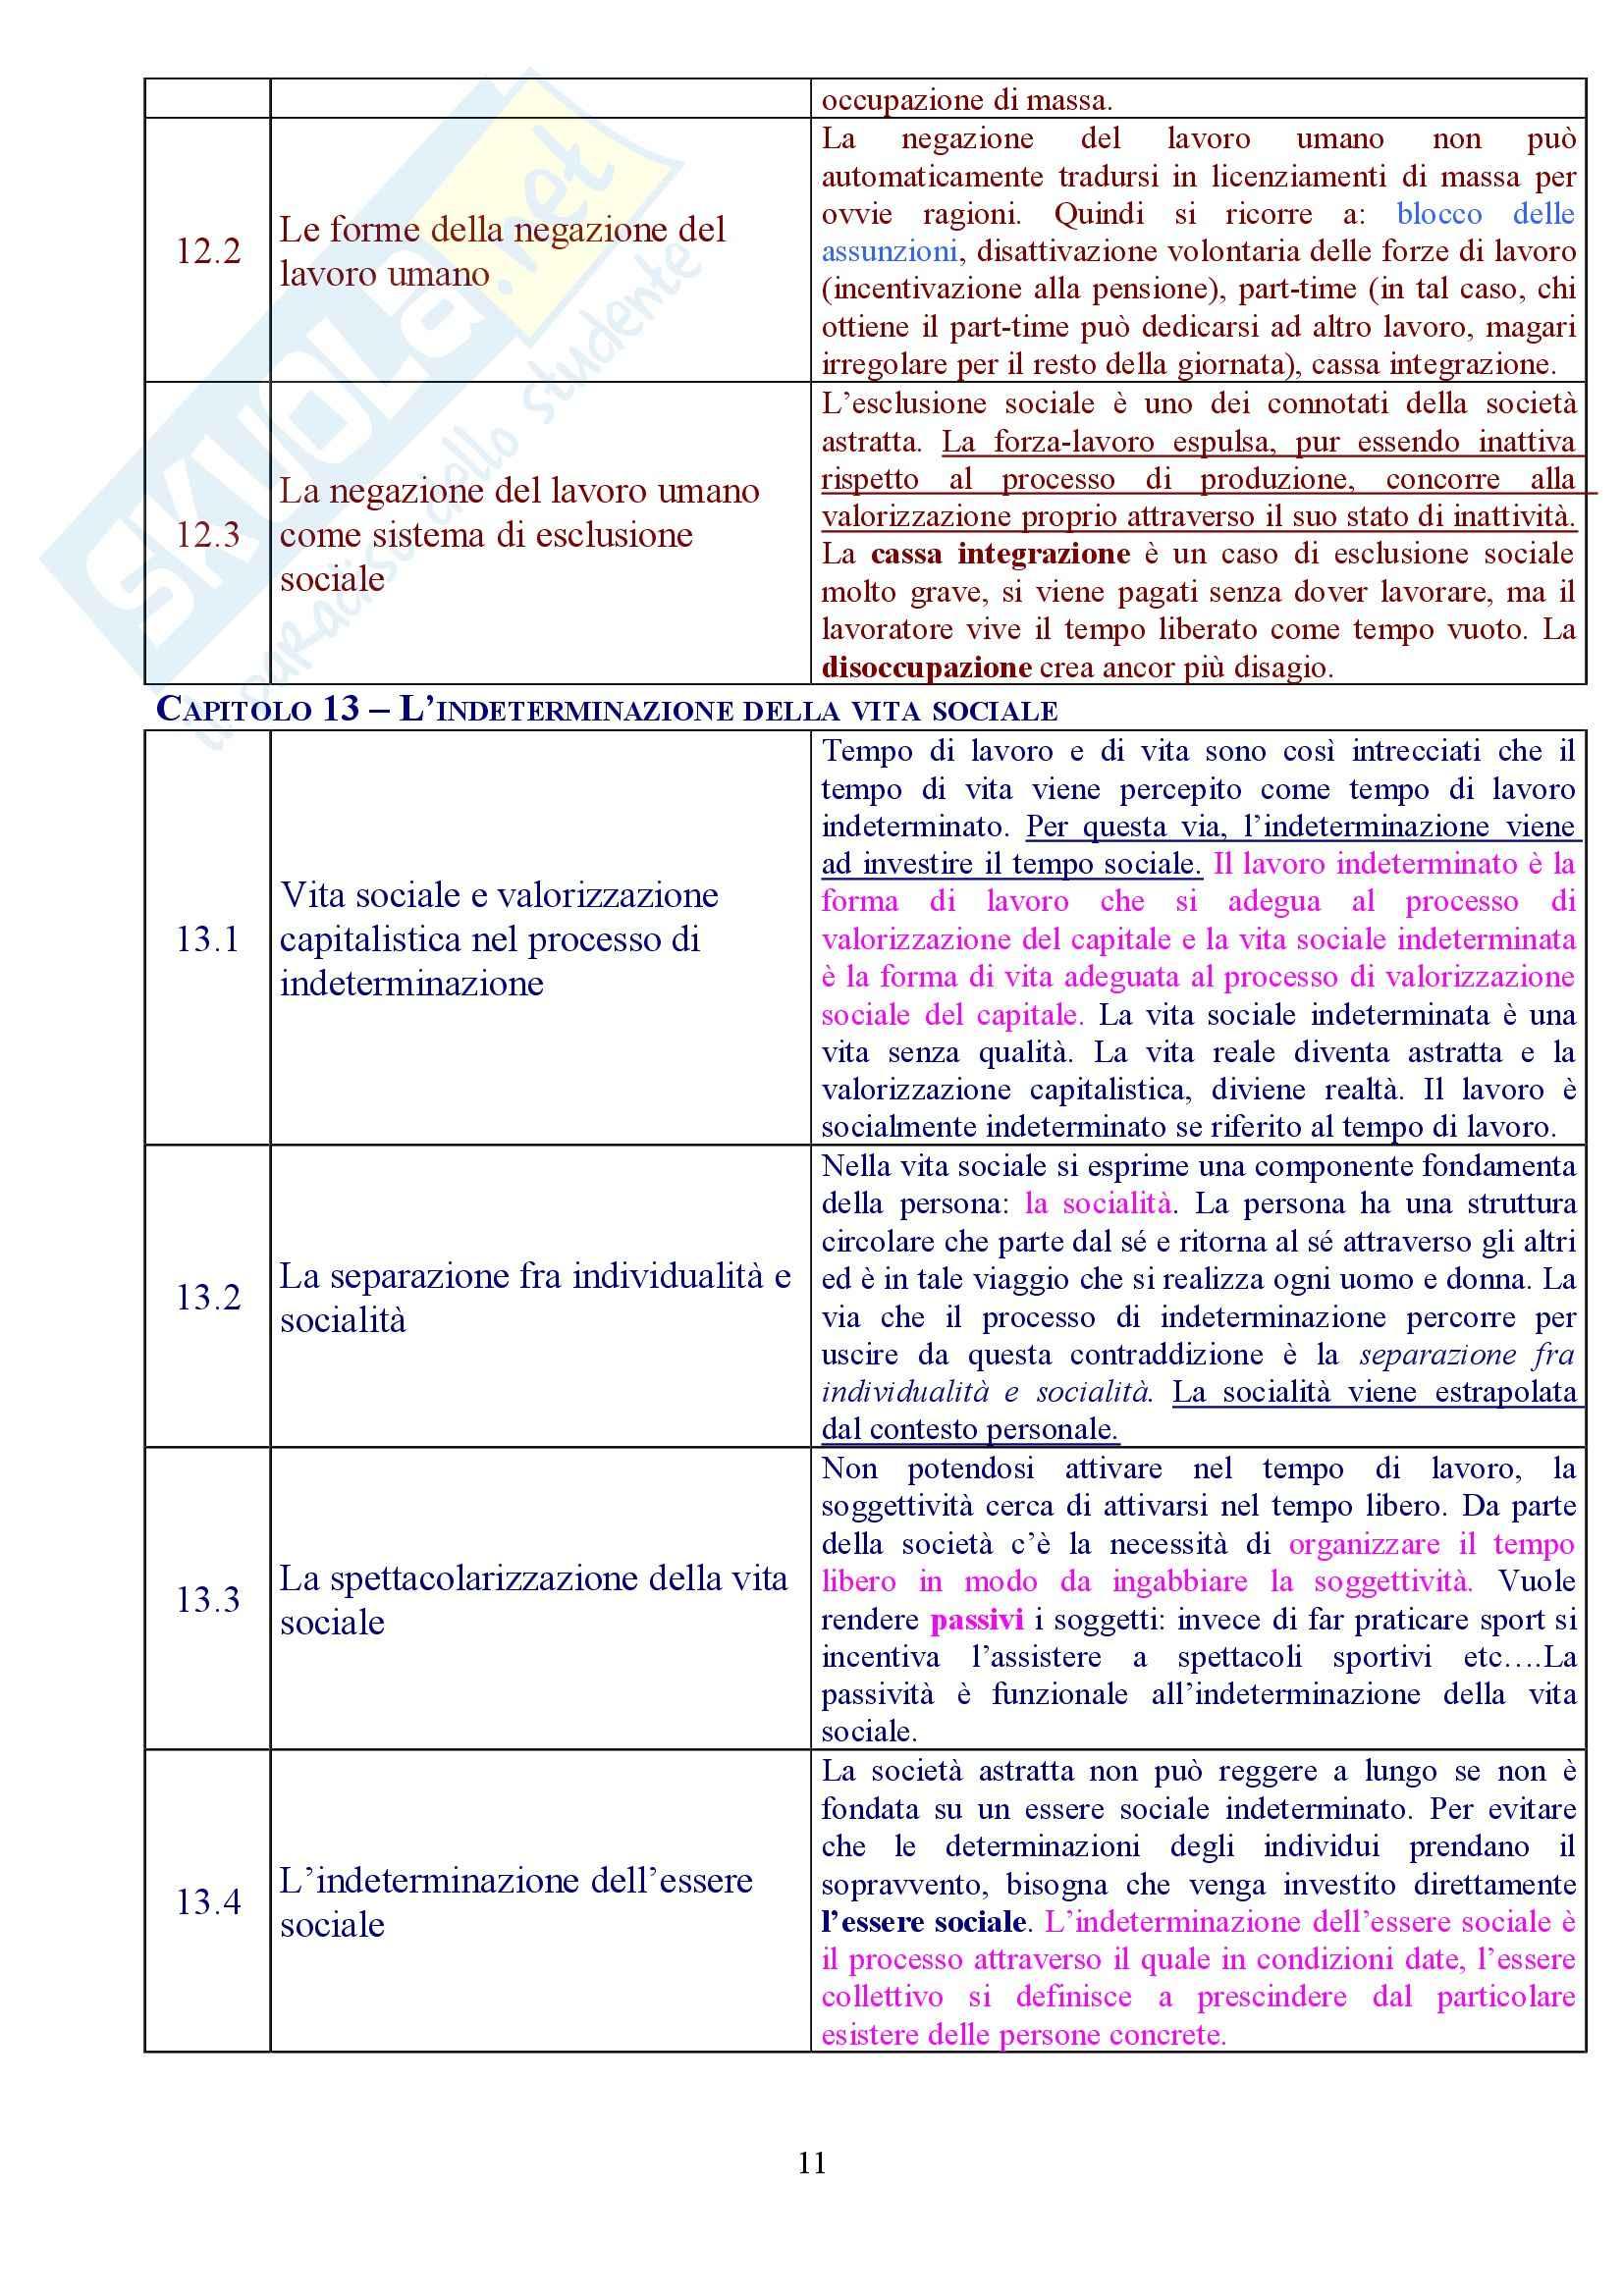 Sociologia - la società astratta Pag. 11